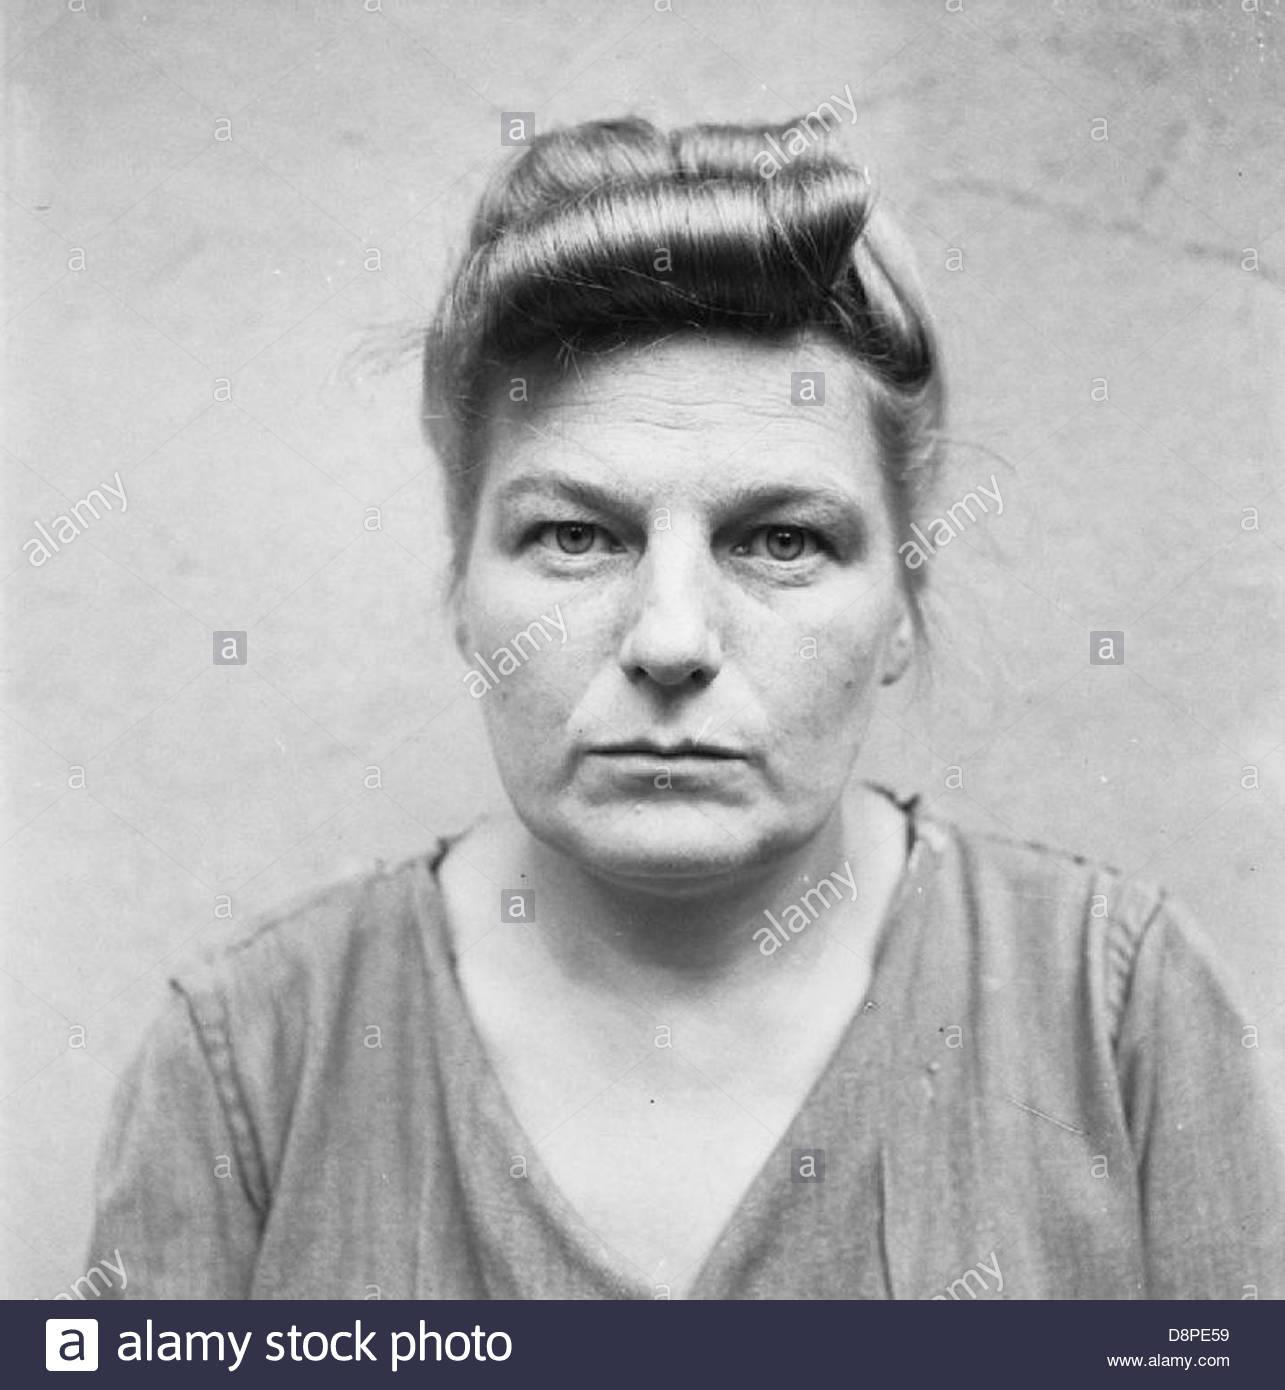 La libération du camp de concentration de Bergen-belsen 1945- Portraits de gardes de Belsen à celle en Photo Stock